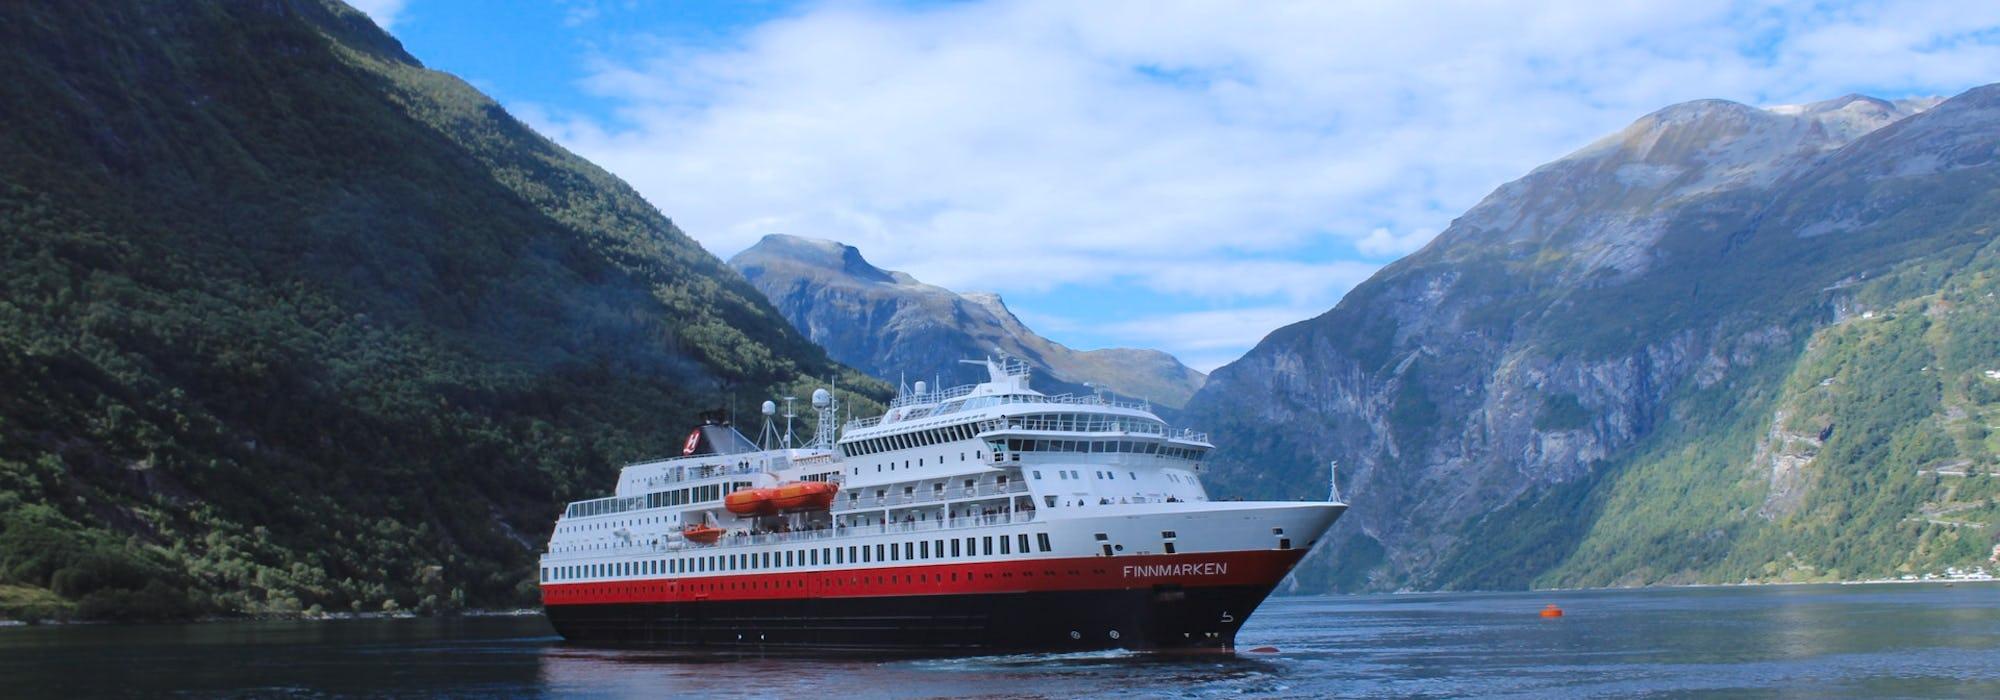 Fotografi på fartyget MS Finnmarken, taget från sidan medan det glider fram i vattnet mellan de höga bergen.